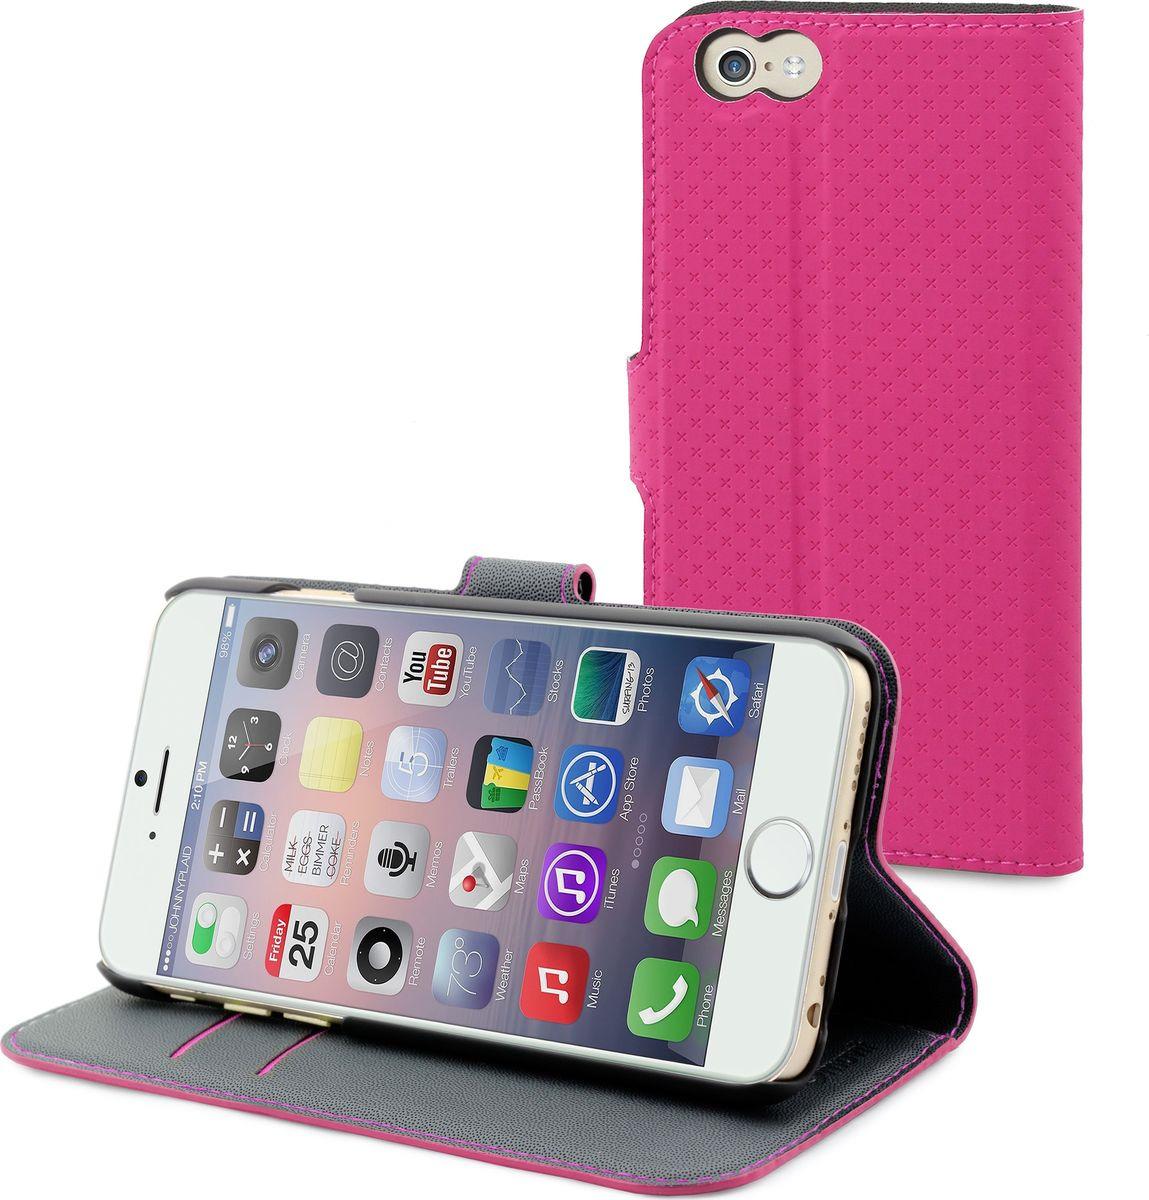 Чехол для сотового телефона Muvit Wallet Folio Stand Case для Apple iPhone 6/6S, MUSNS0049, розовый цена